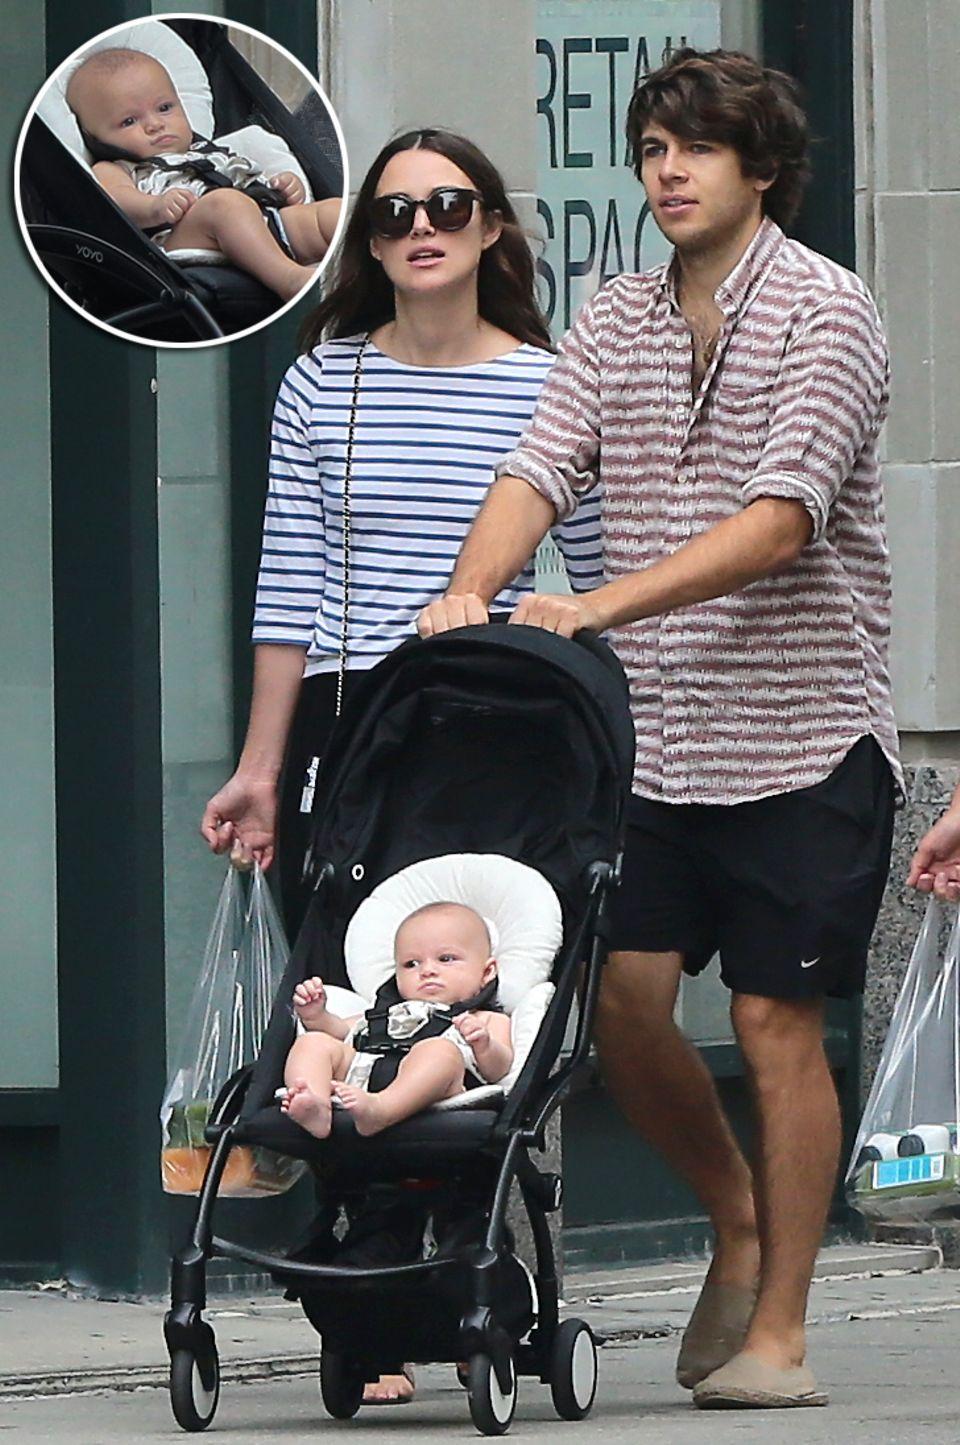 August 2015: Die stolzen Eltern Keira Knightley und James Righton sind mit Töchterchen Edie in New York unterwegs. Die Kleine kam im Mai zur Welt.